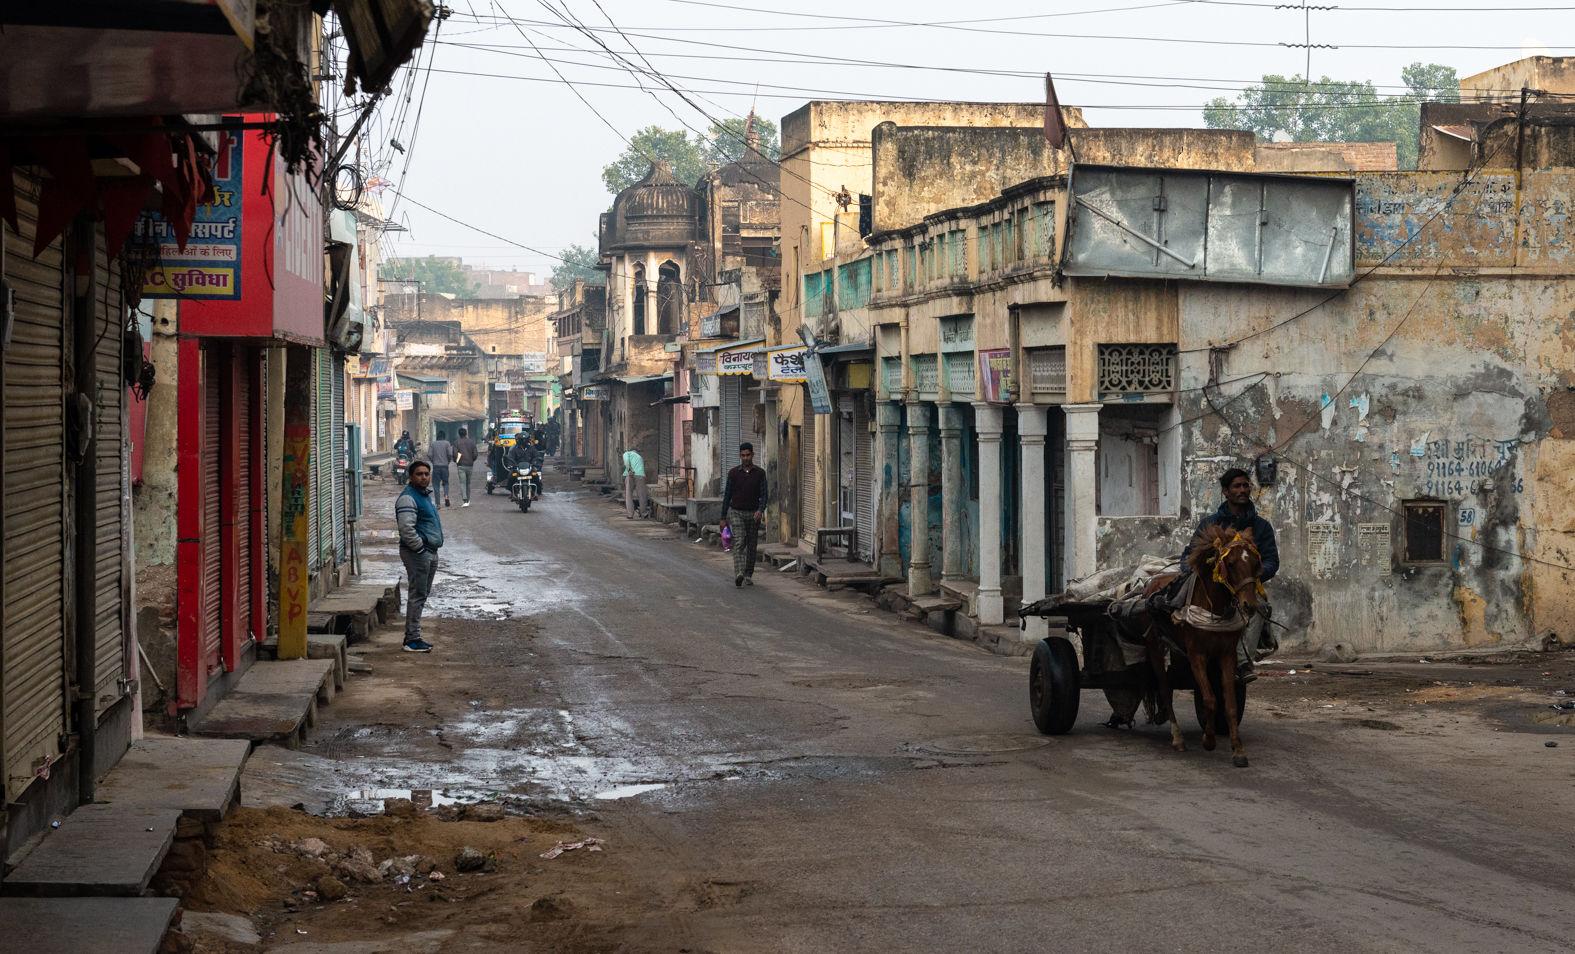 Churu, Rajasthan